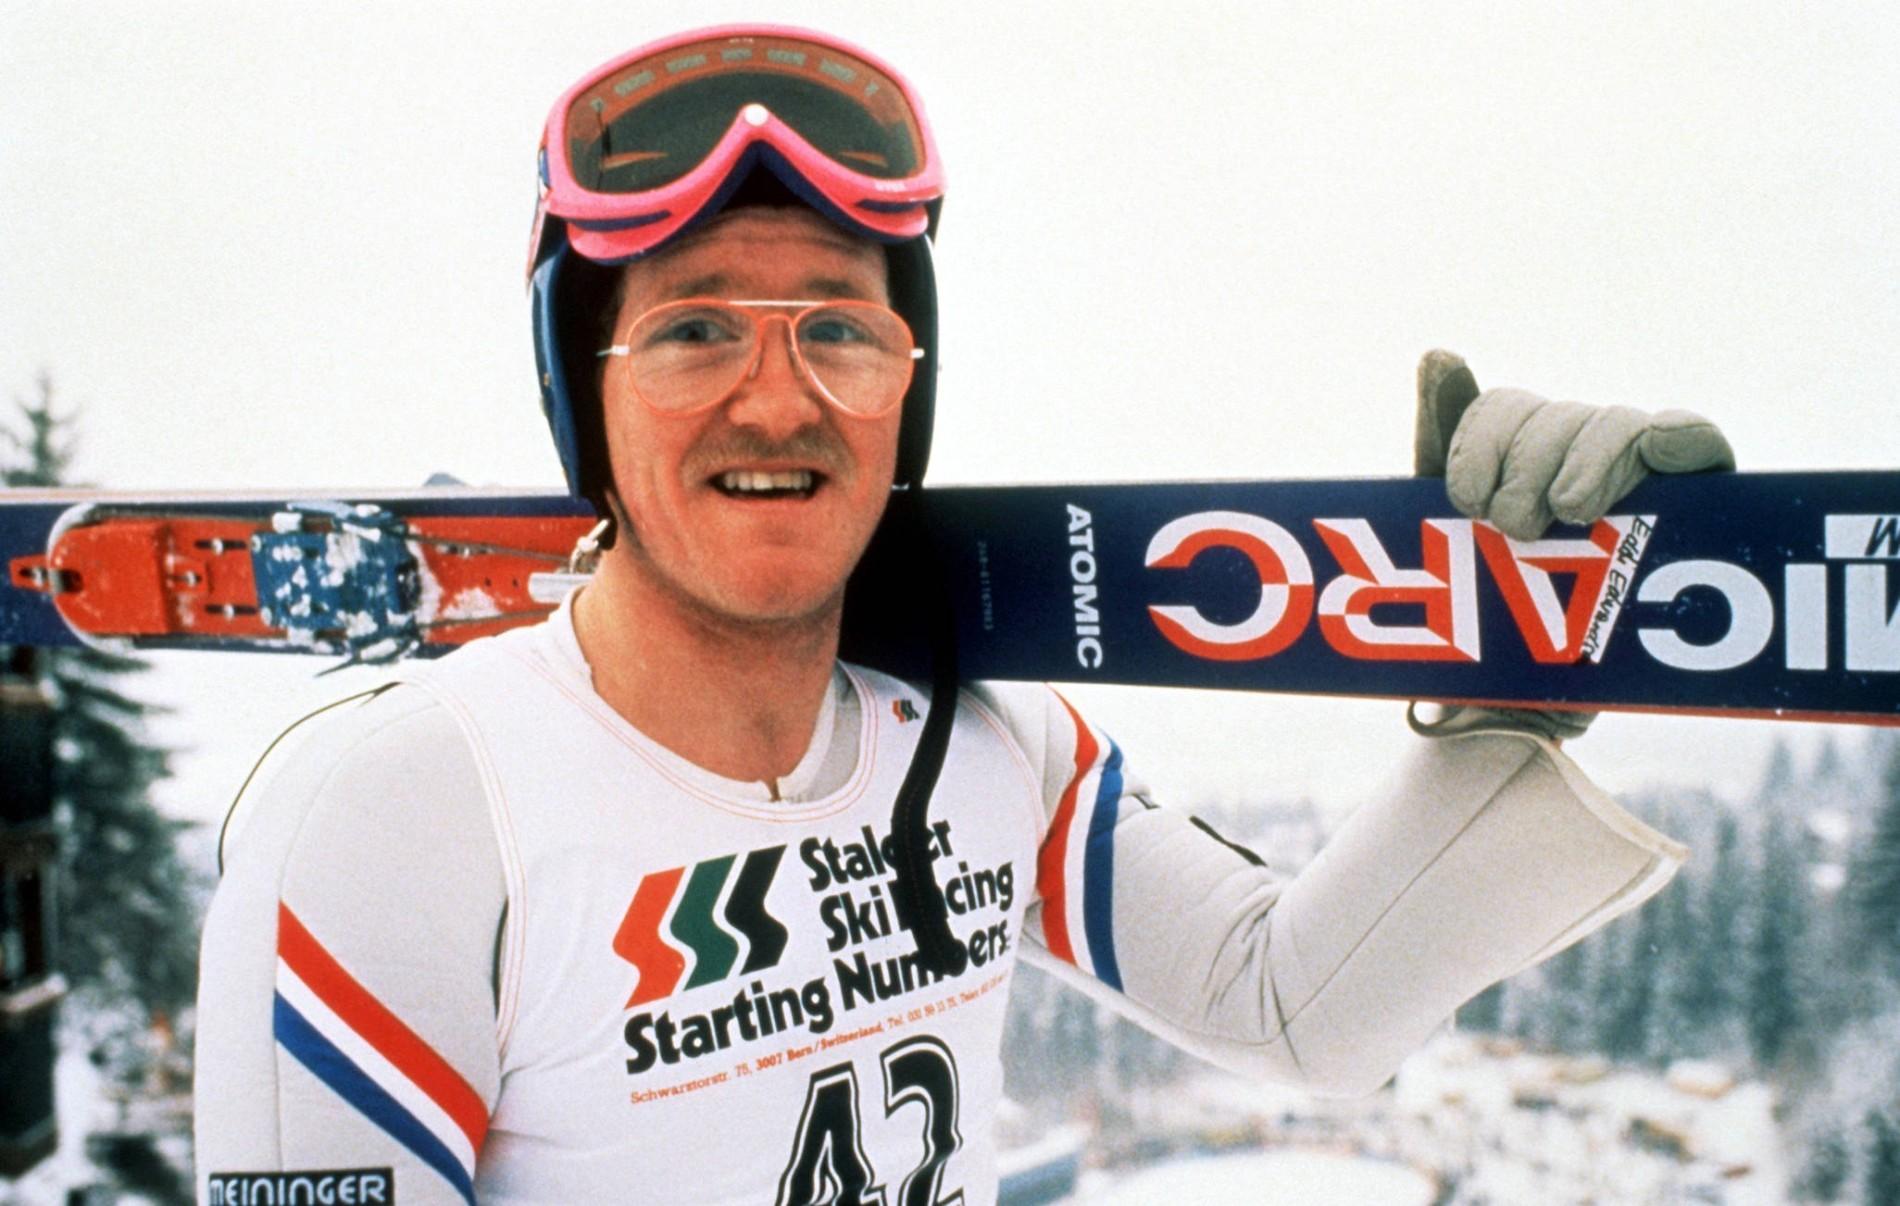 Skispringen: Eddie the Eagle kehrt zurück - Wintersport - FAZ